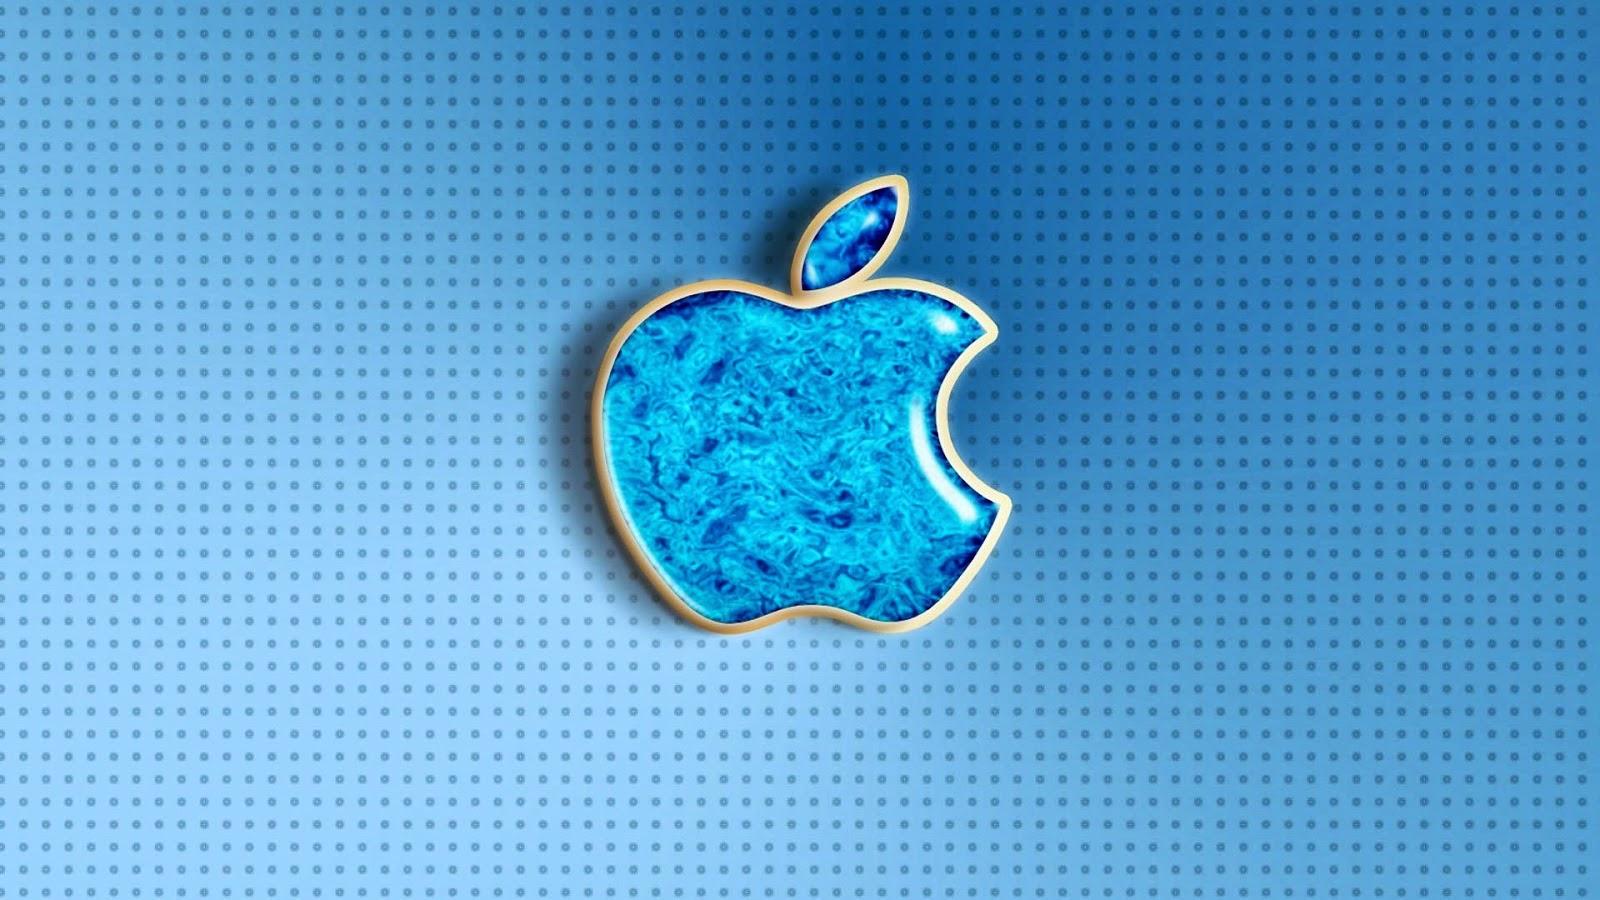 خلفيات شركة Apple بجودة عالية